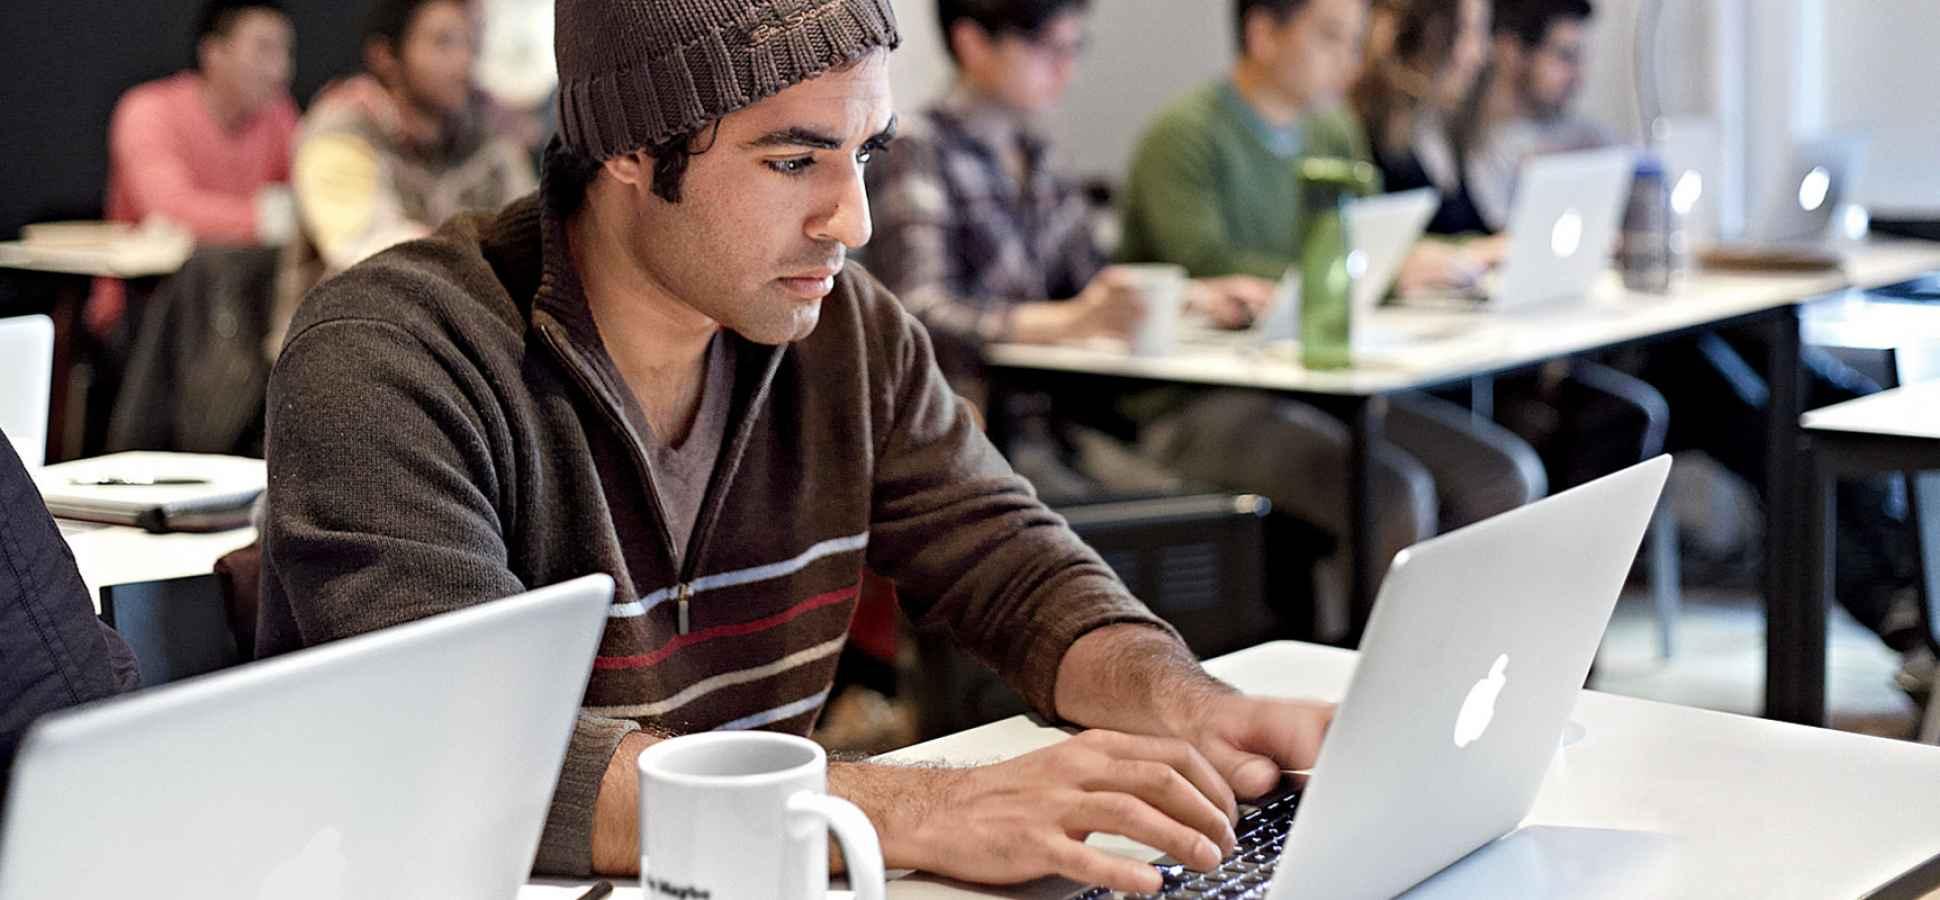 3 Places to Get a Crash Course in Entrepreneurship